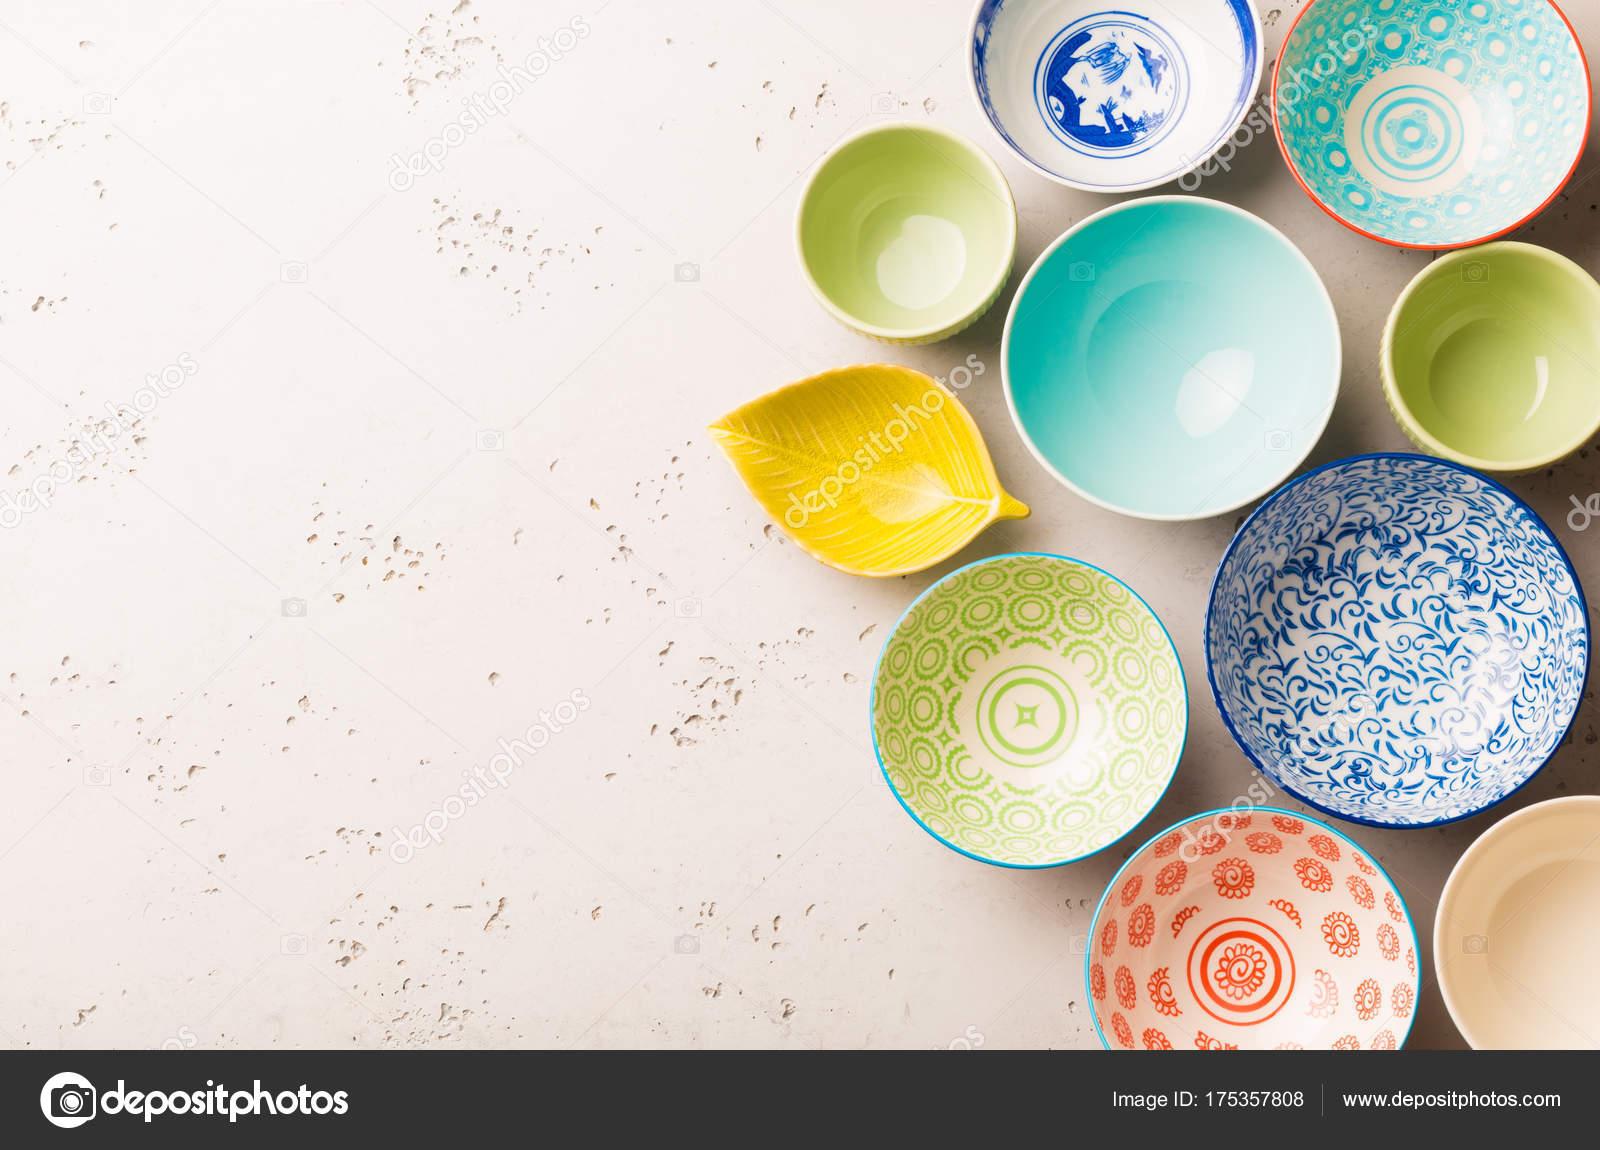 Sammlung Von Leeren Bunte (Pastell) Dekorative Keramik Schalen. Layout Von  Oben (Draufsicht, Flach Laien) Erfasst. Grauen Stein Hintergrund Mit ...